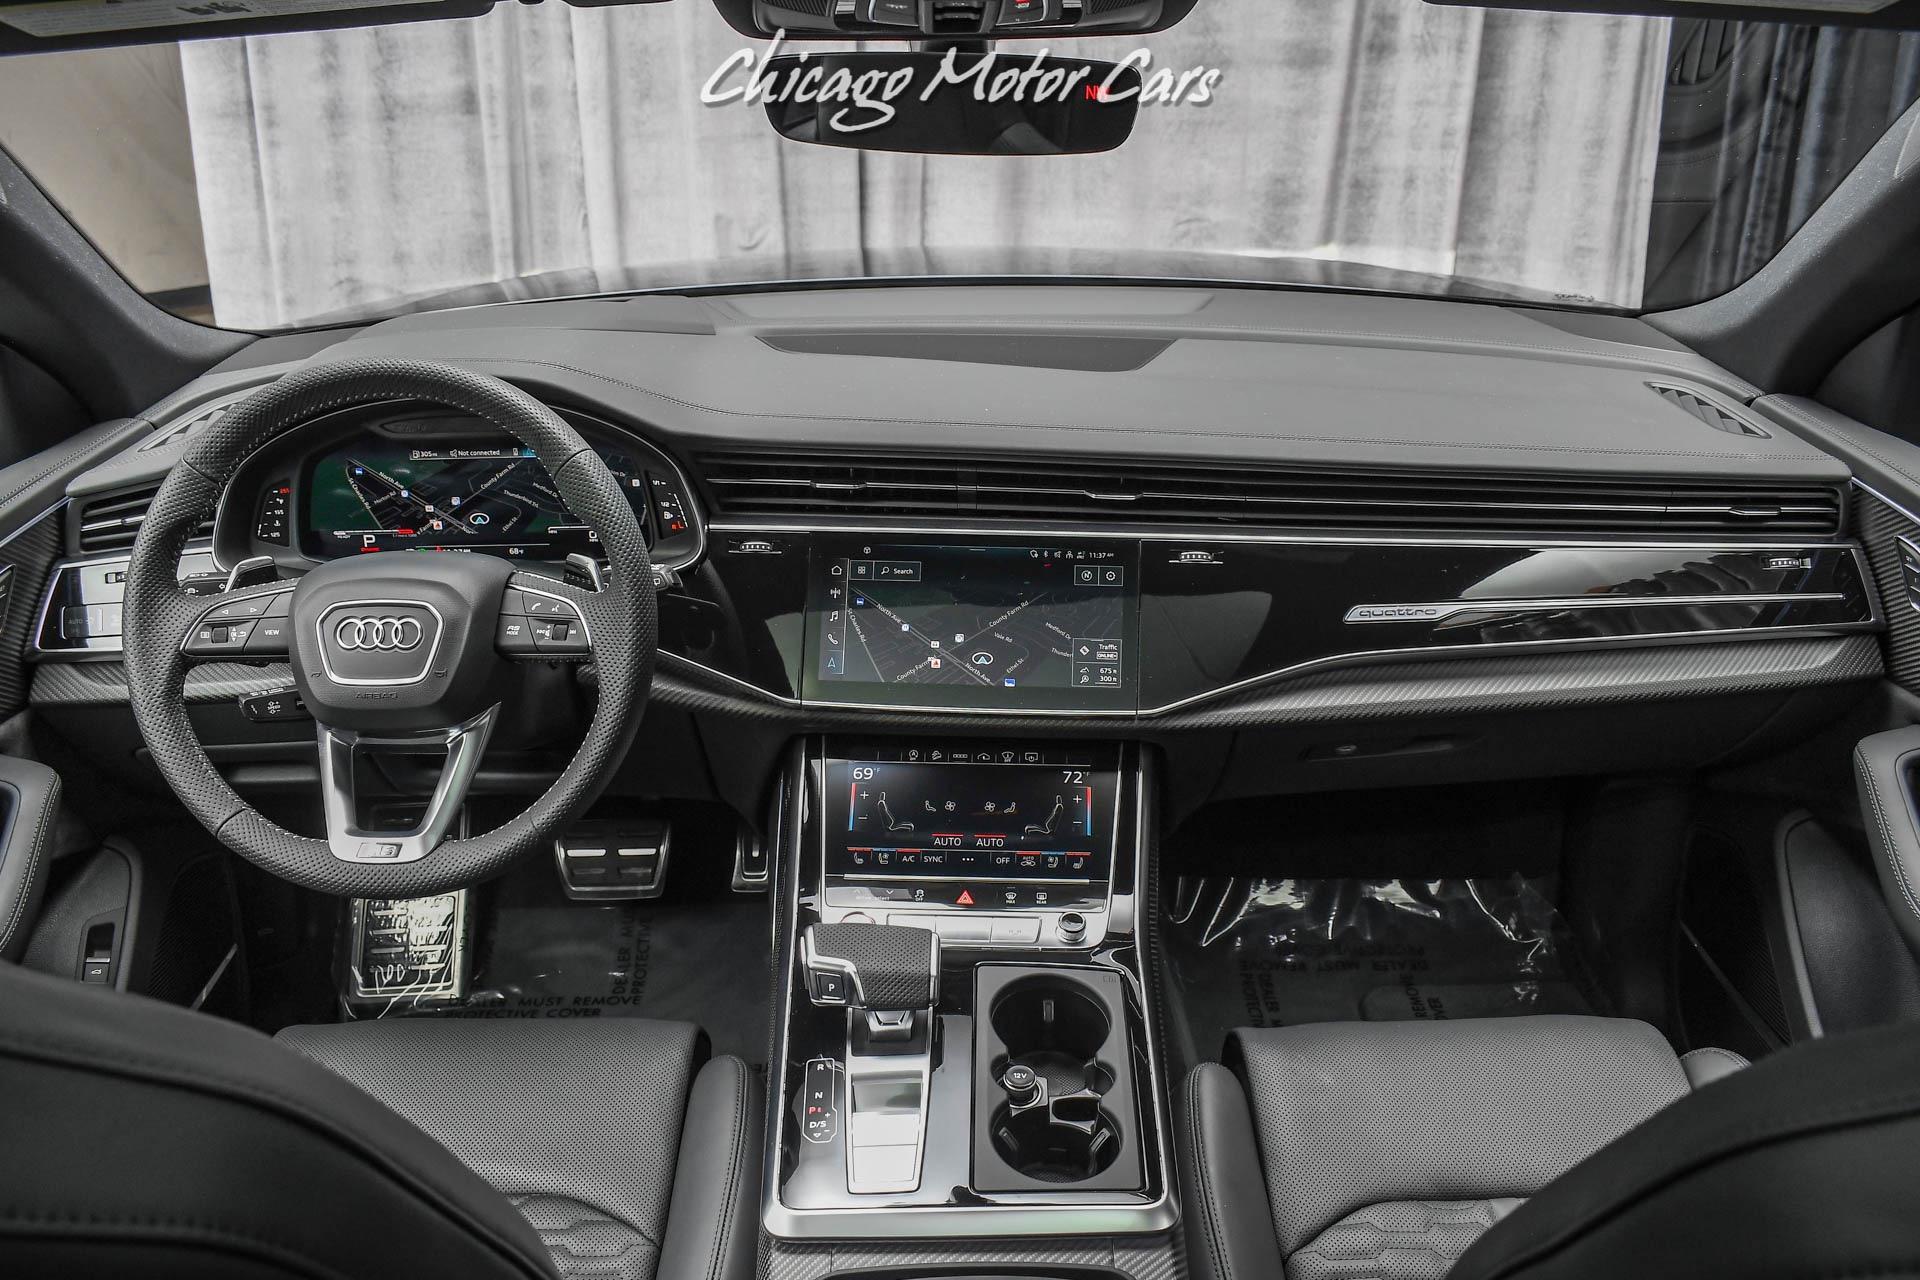 Used-2021-Audi-RS-Q8-40T-quattro-Carbon-Optics-Package-Carbon-Fiber-600-Horsepower